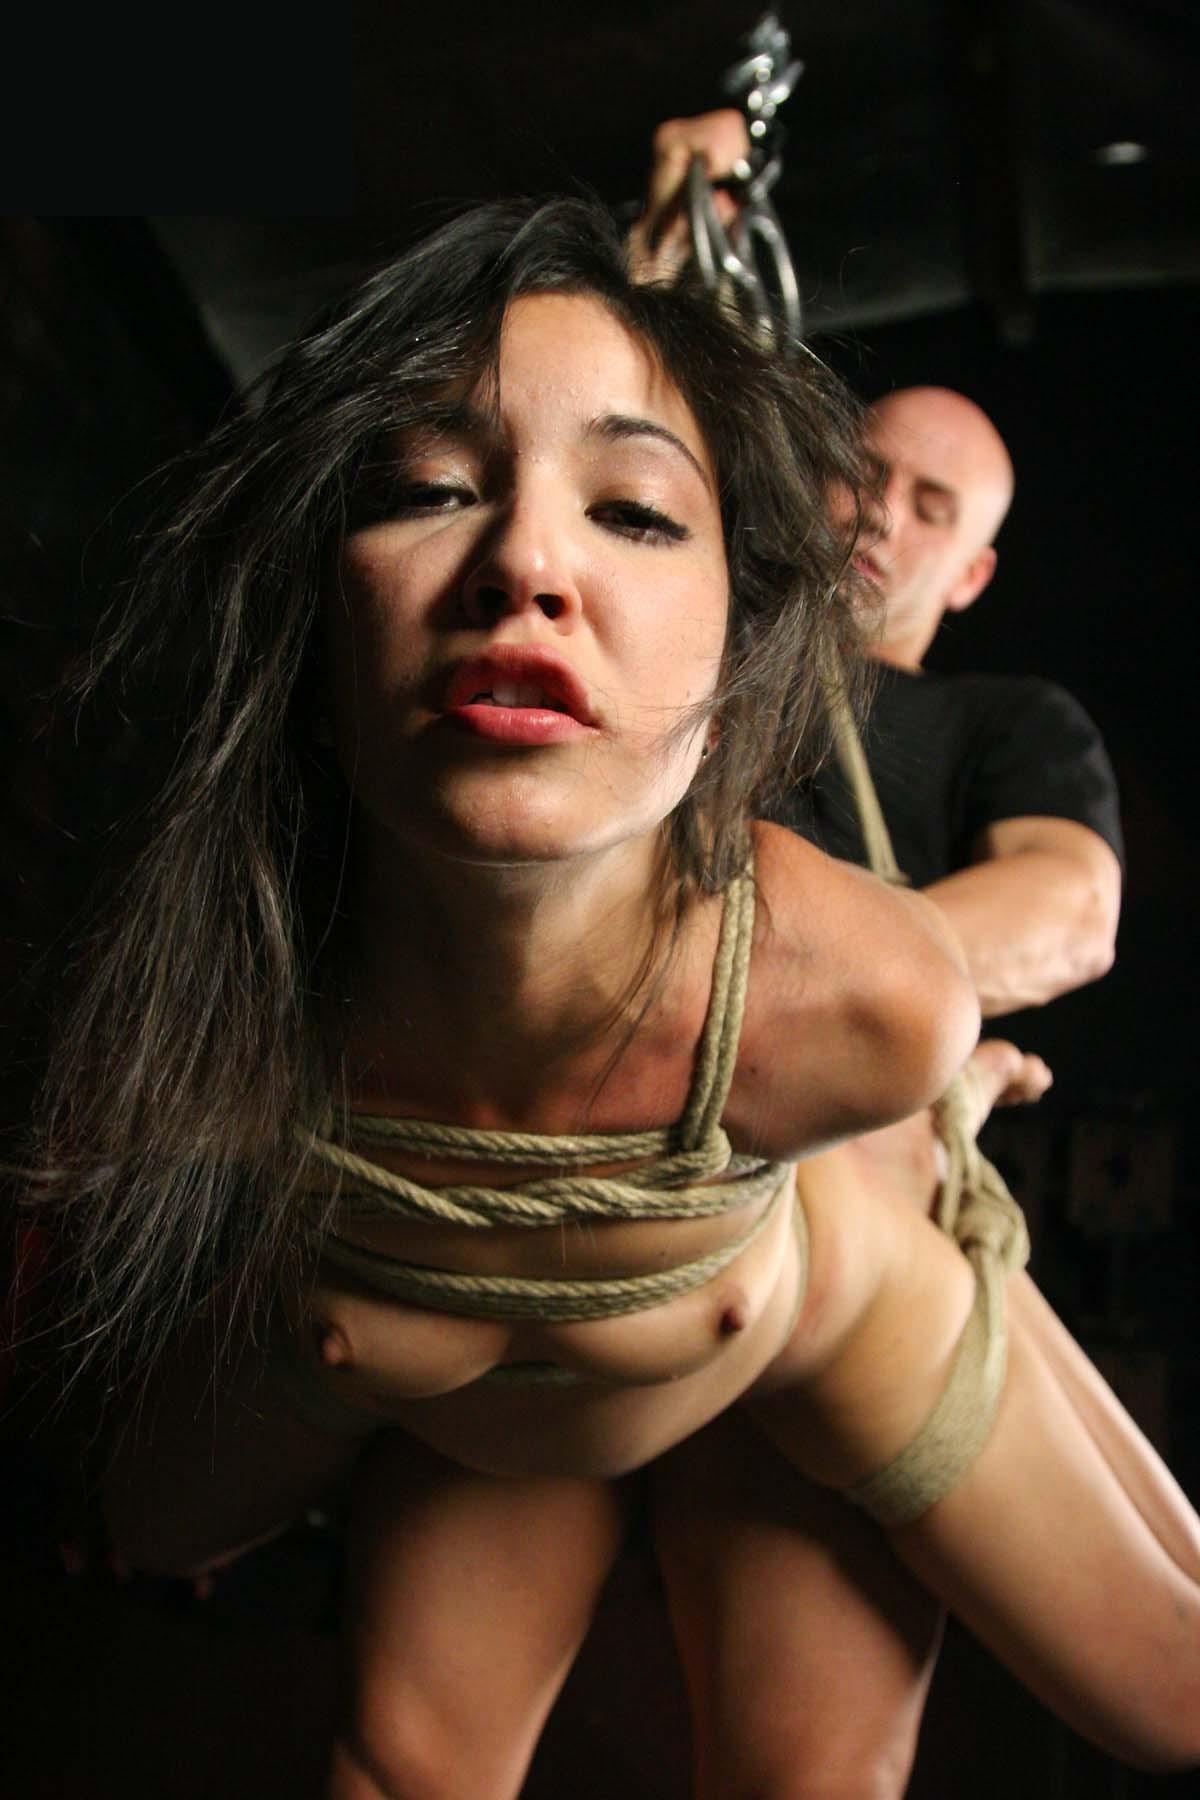 【SMエロ画像】一応は和姦w緊縛M女をねちっこく嬲るようにセックスwww 26